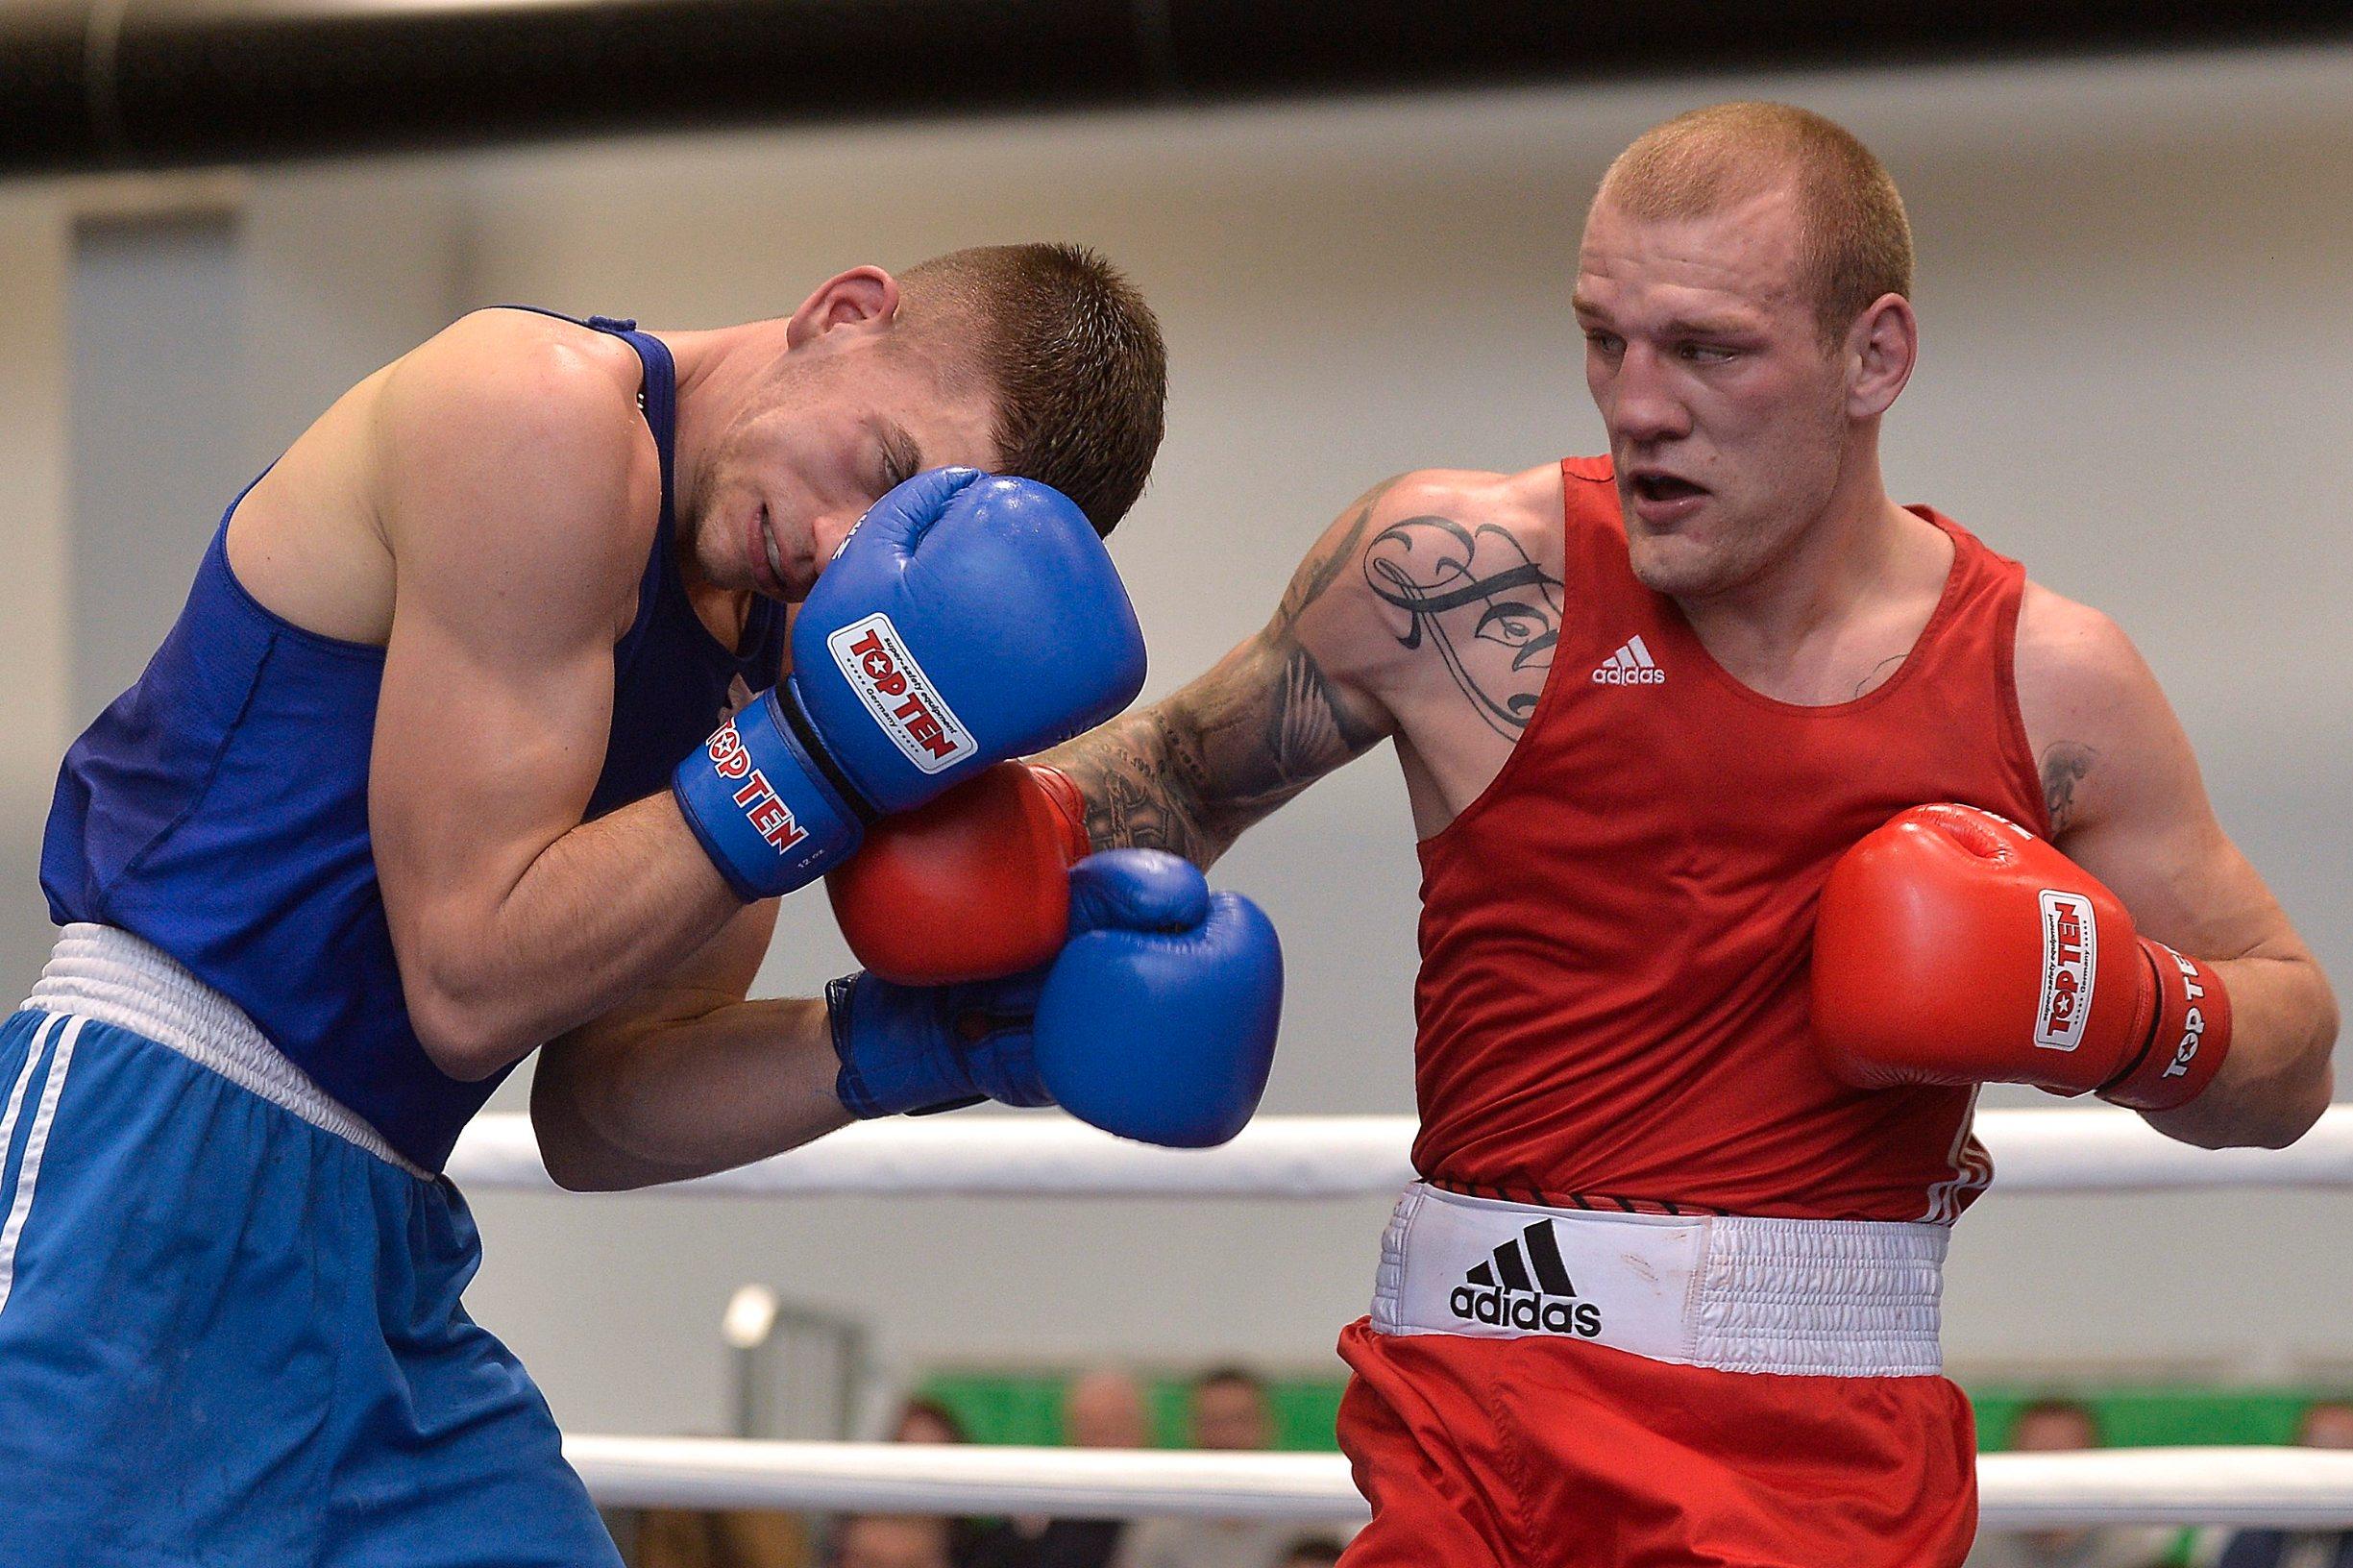 Matej Uremović vs. Luka Plantić